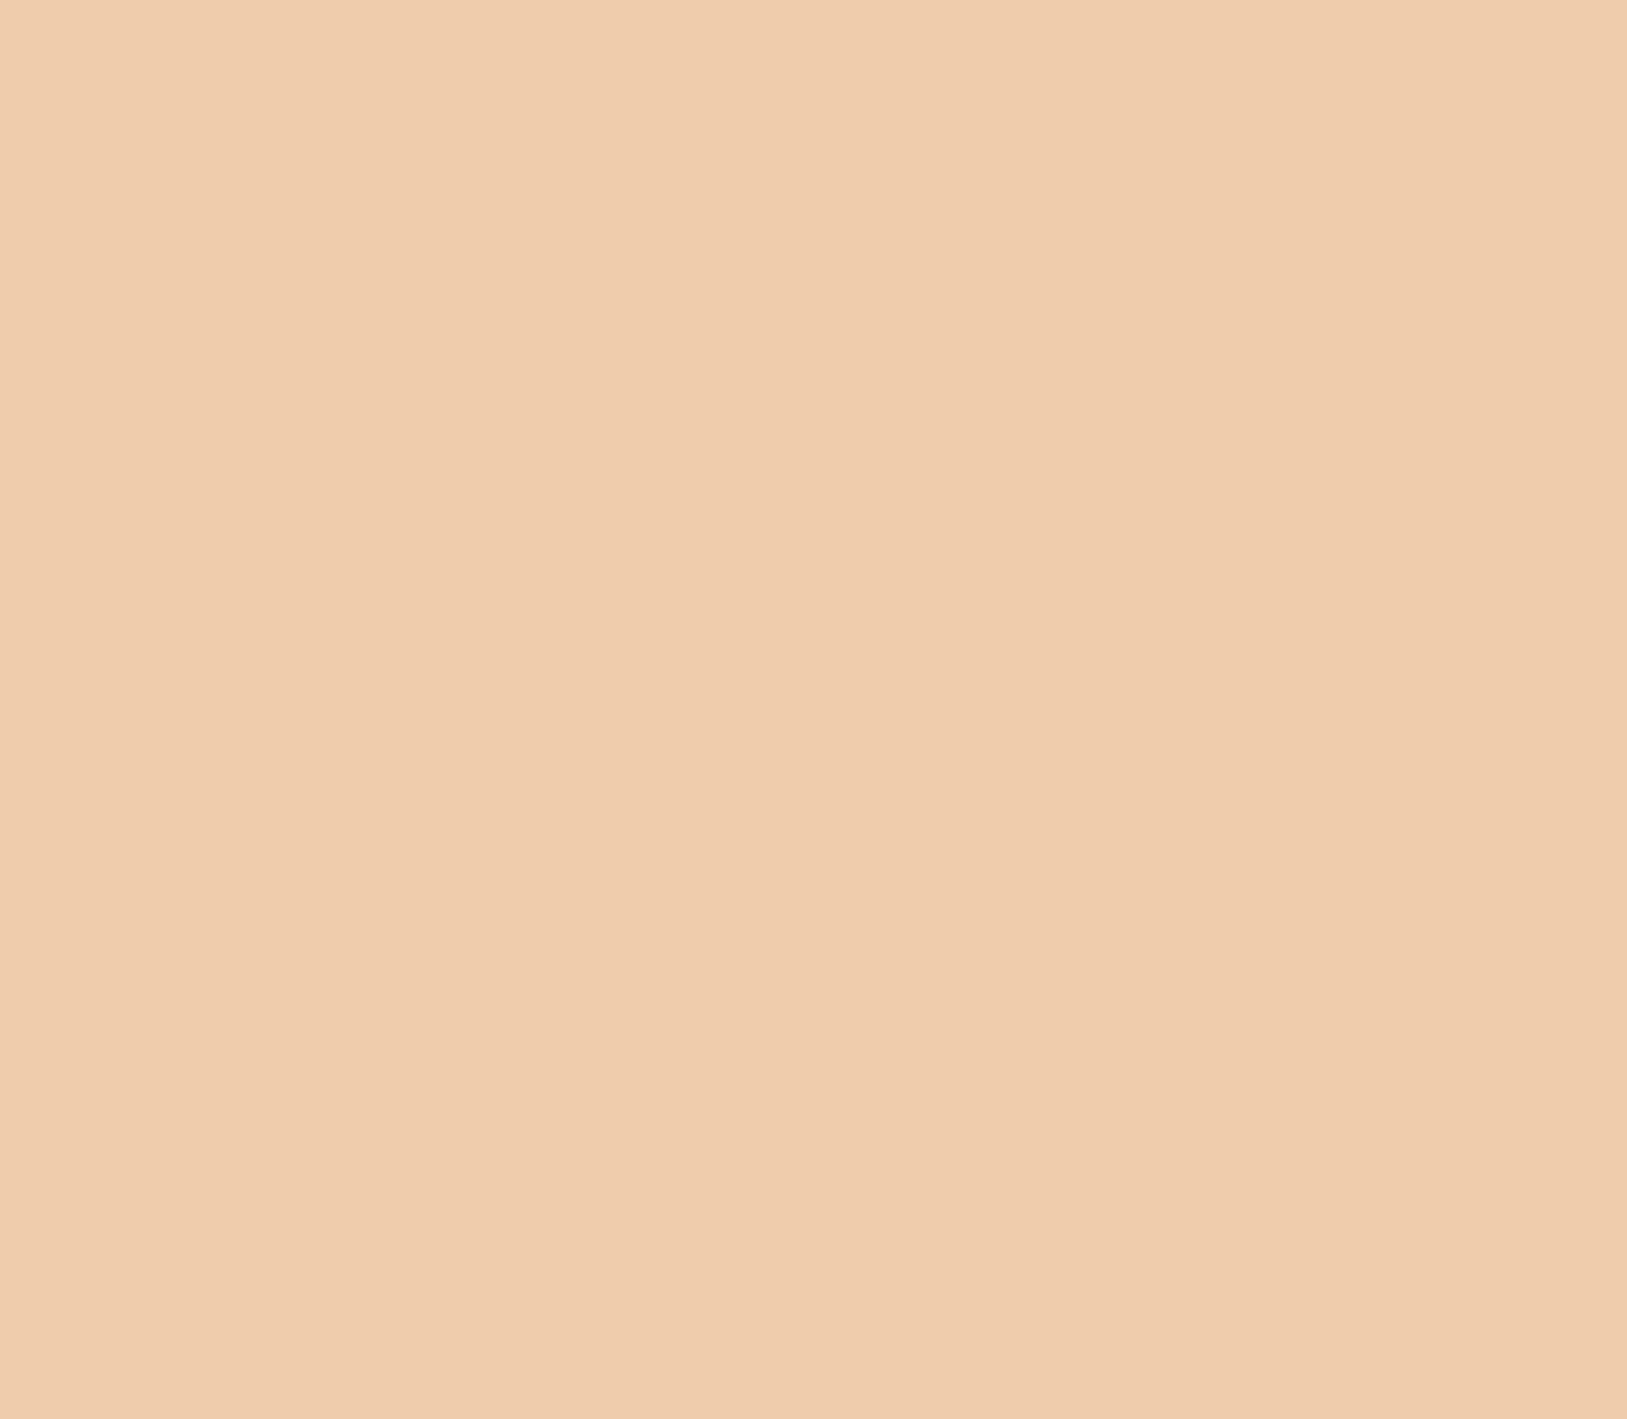 tan-blob